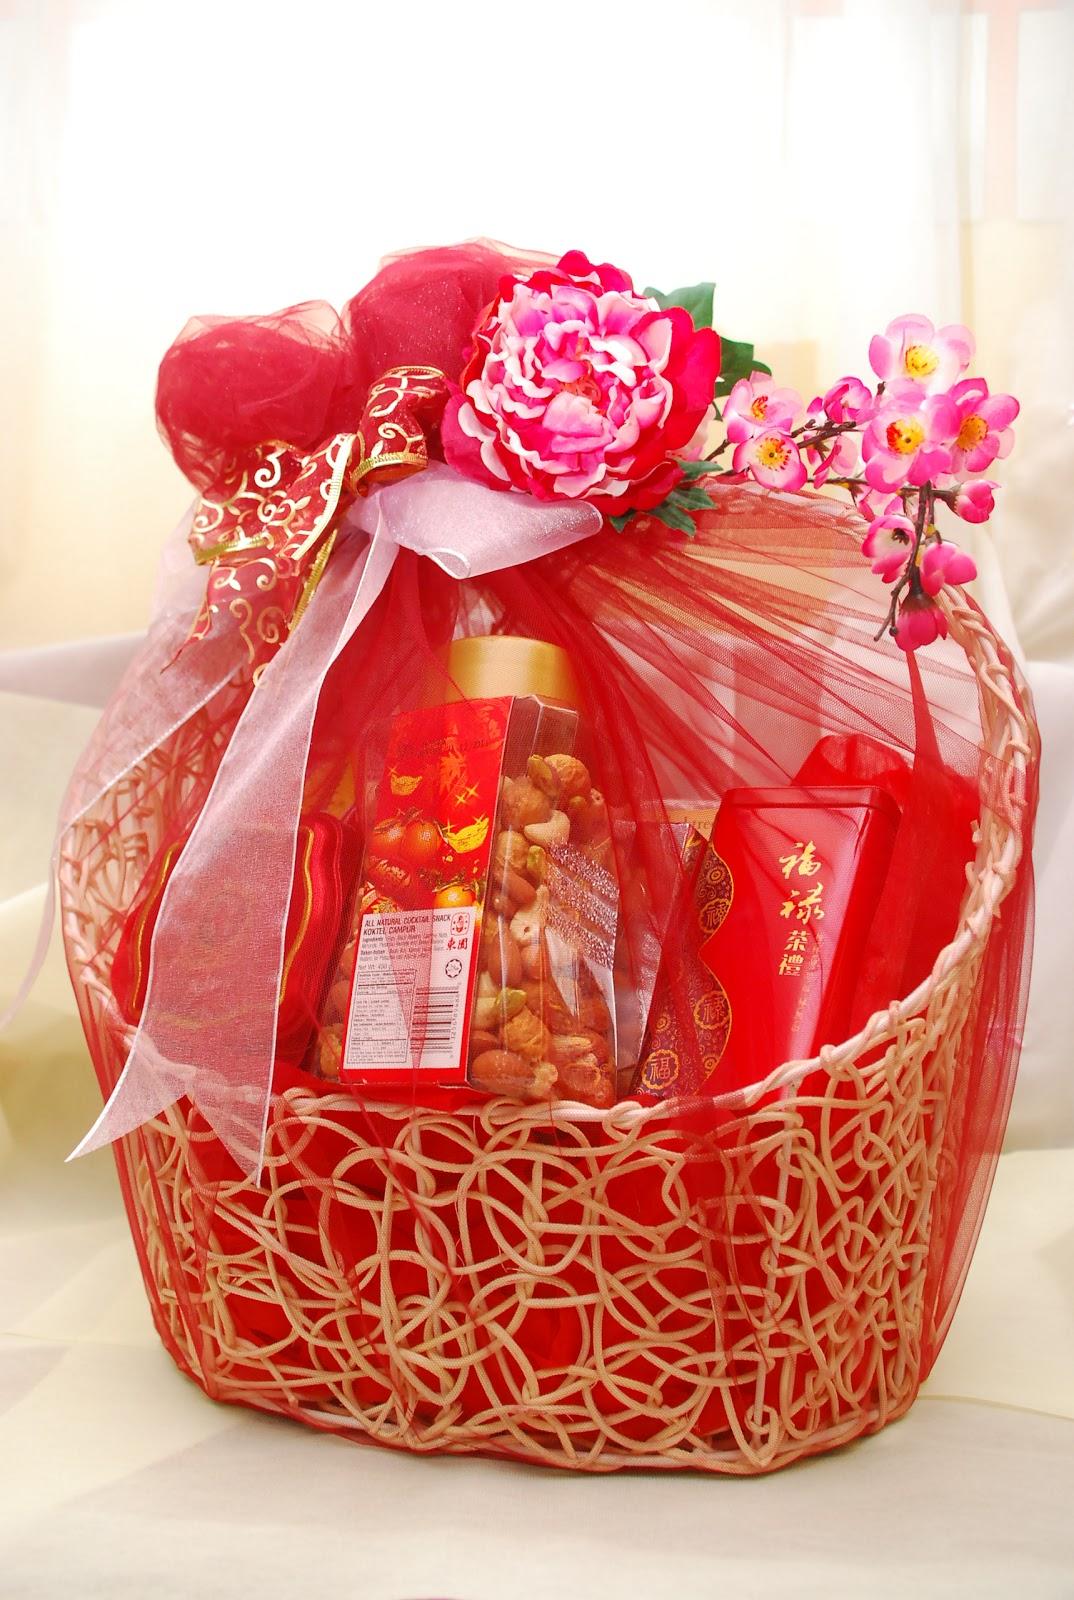 hamper gift basket wedding gallery chinese new hampers. Black Bedroom Furniture Sets. Home Design Ideas